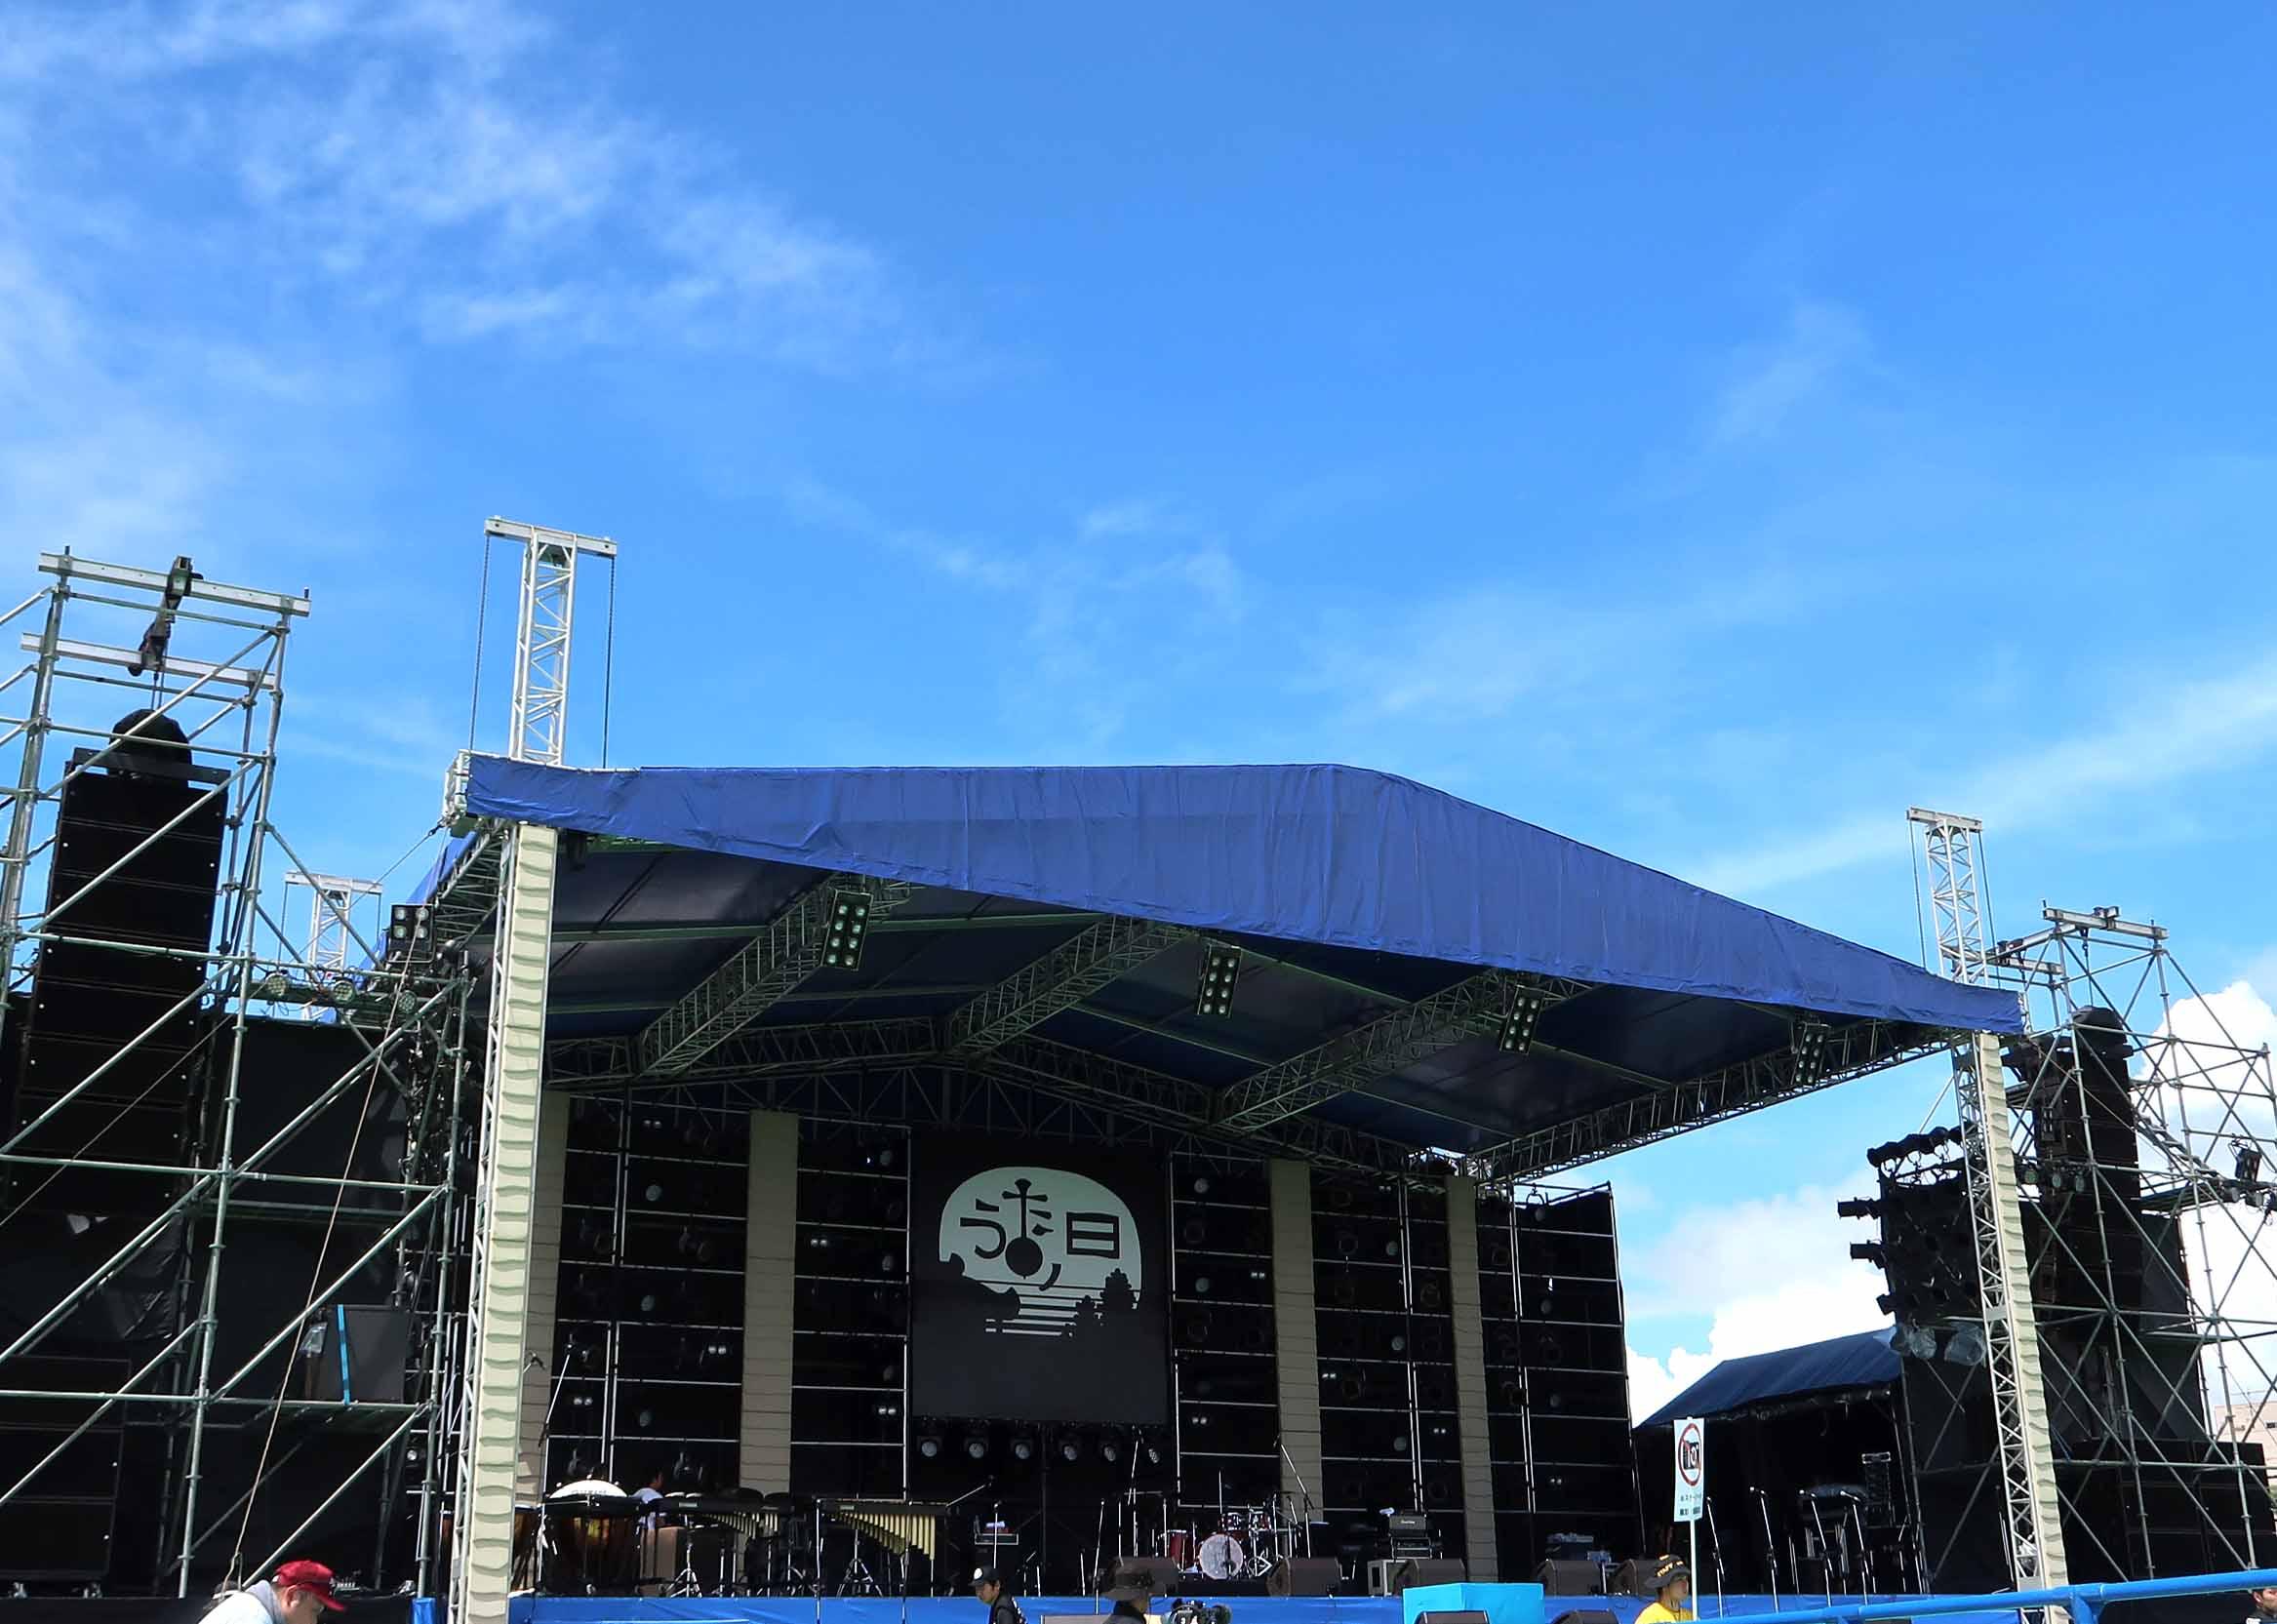 【沖縄・嘉手納】沖縄からうた開き!うたの日コンサート2017 in 嘉手納 に今年も行ってきた! ~やっぱり楽しい、うたの日コンサート~